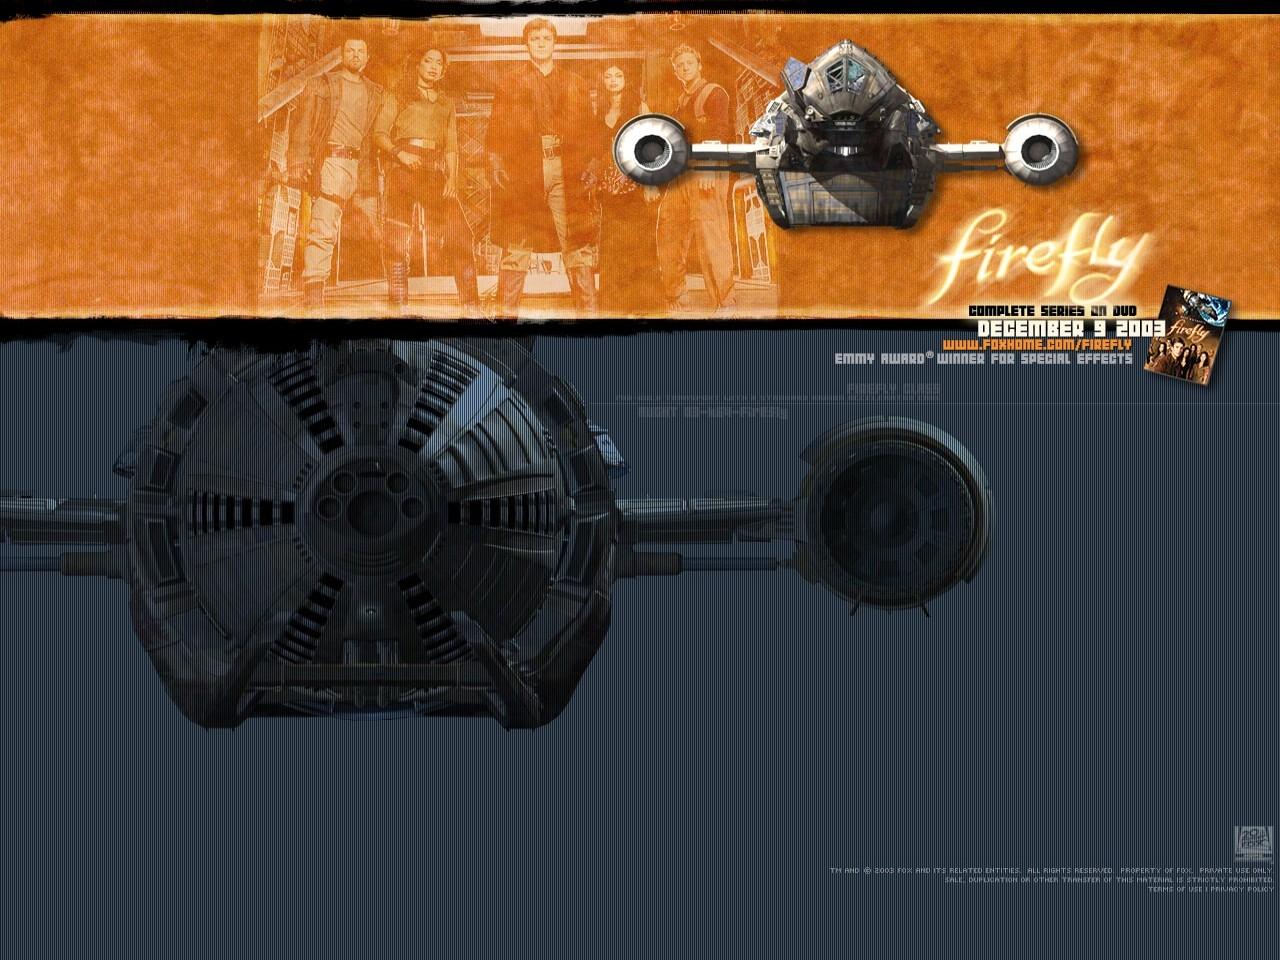 Un wallpaper della serie Firefly